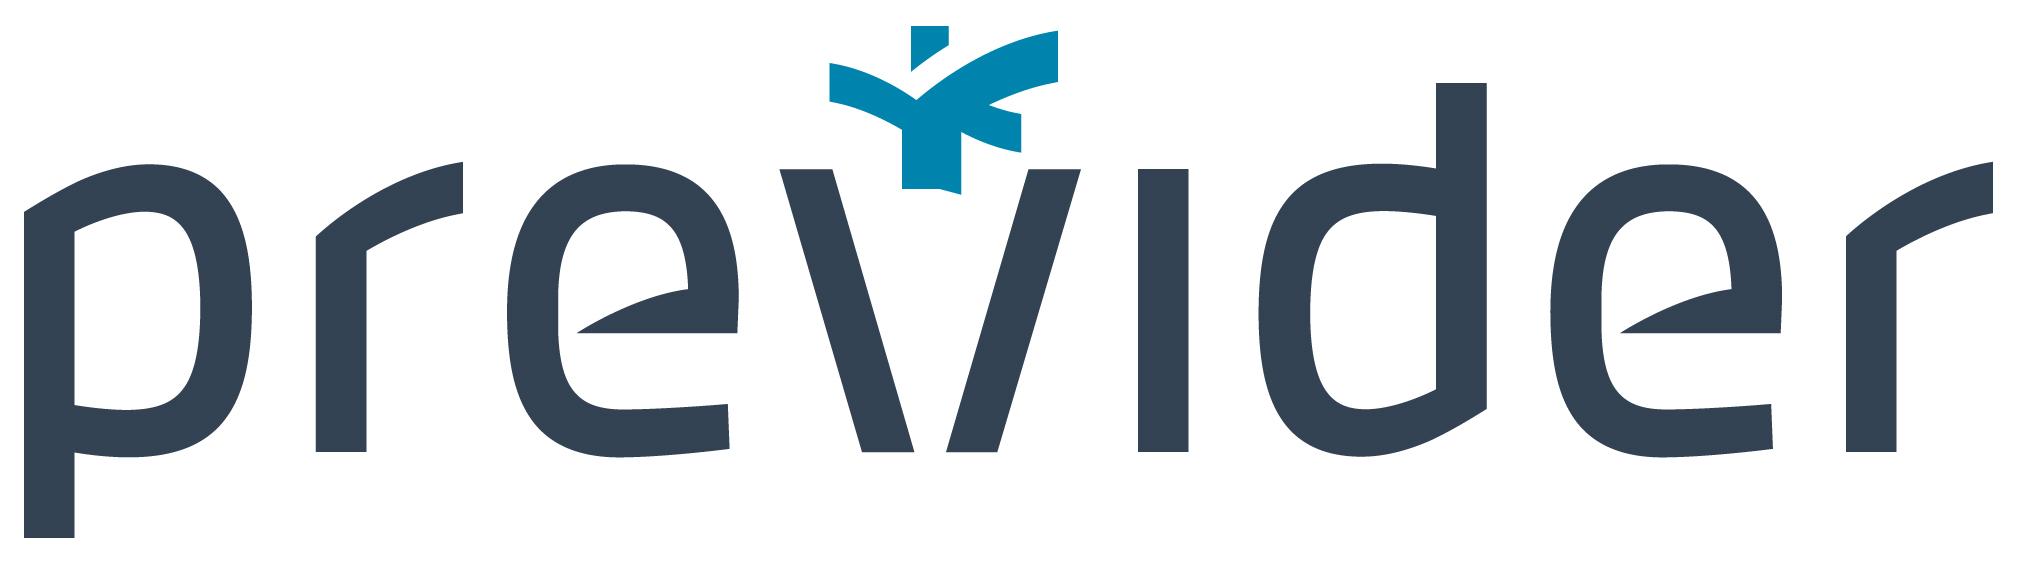 Groene hosting: logo Previder